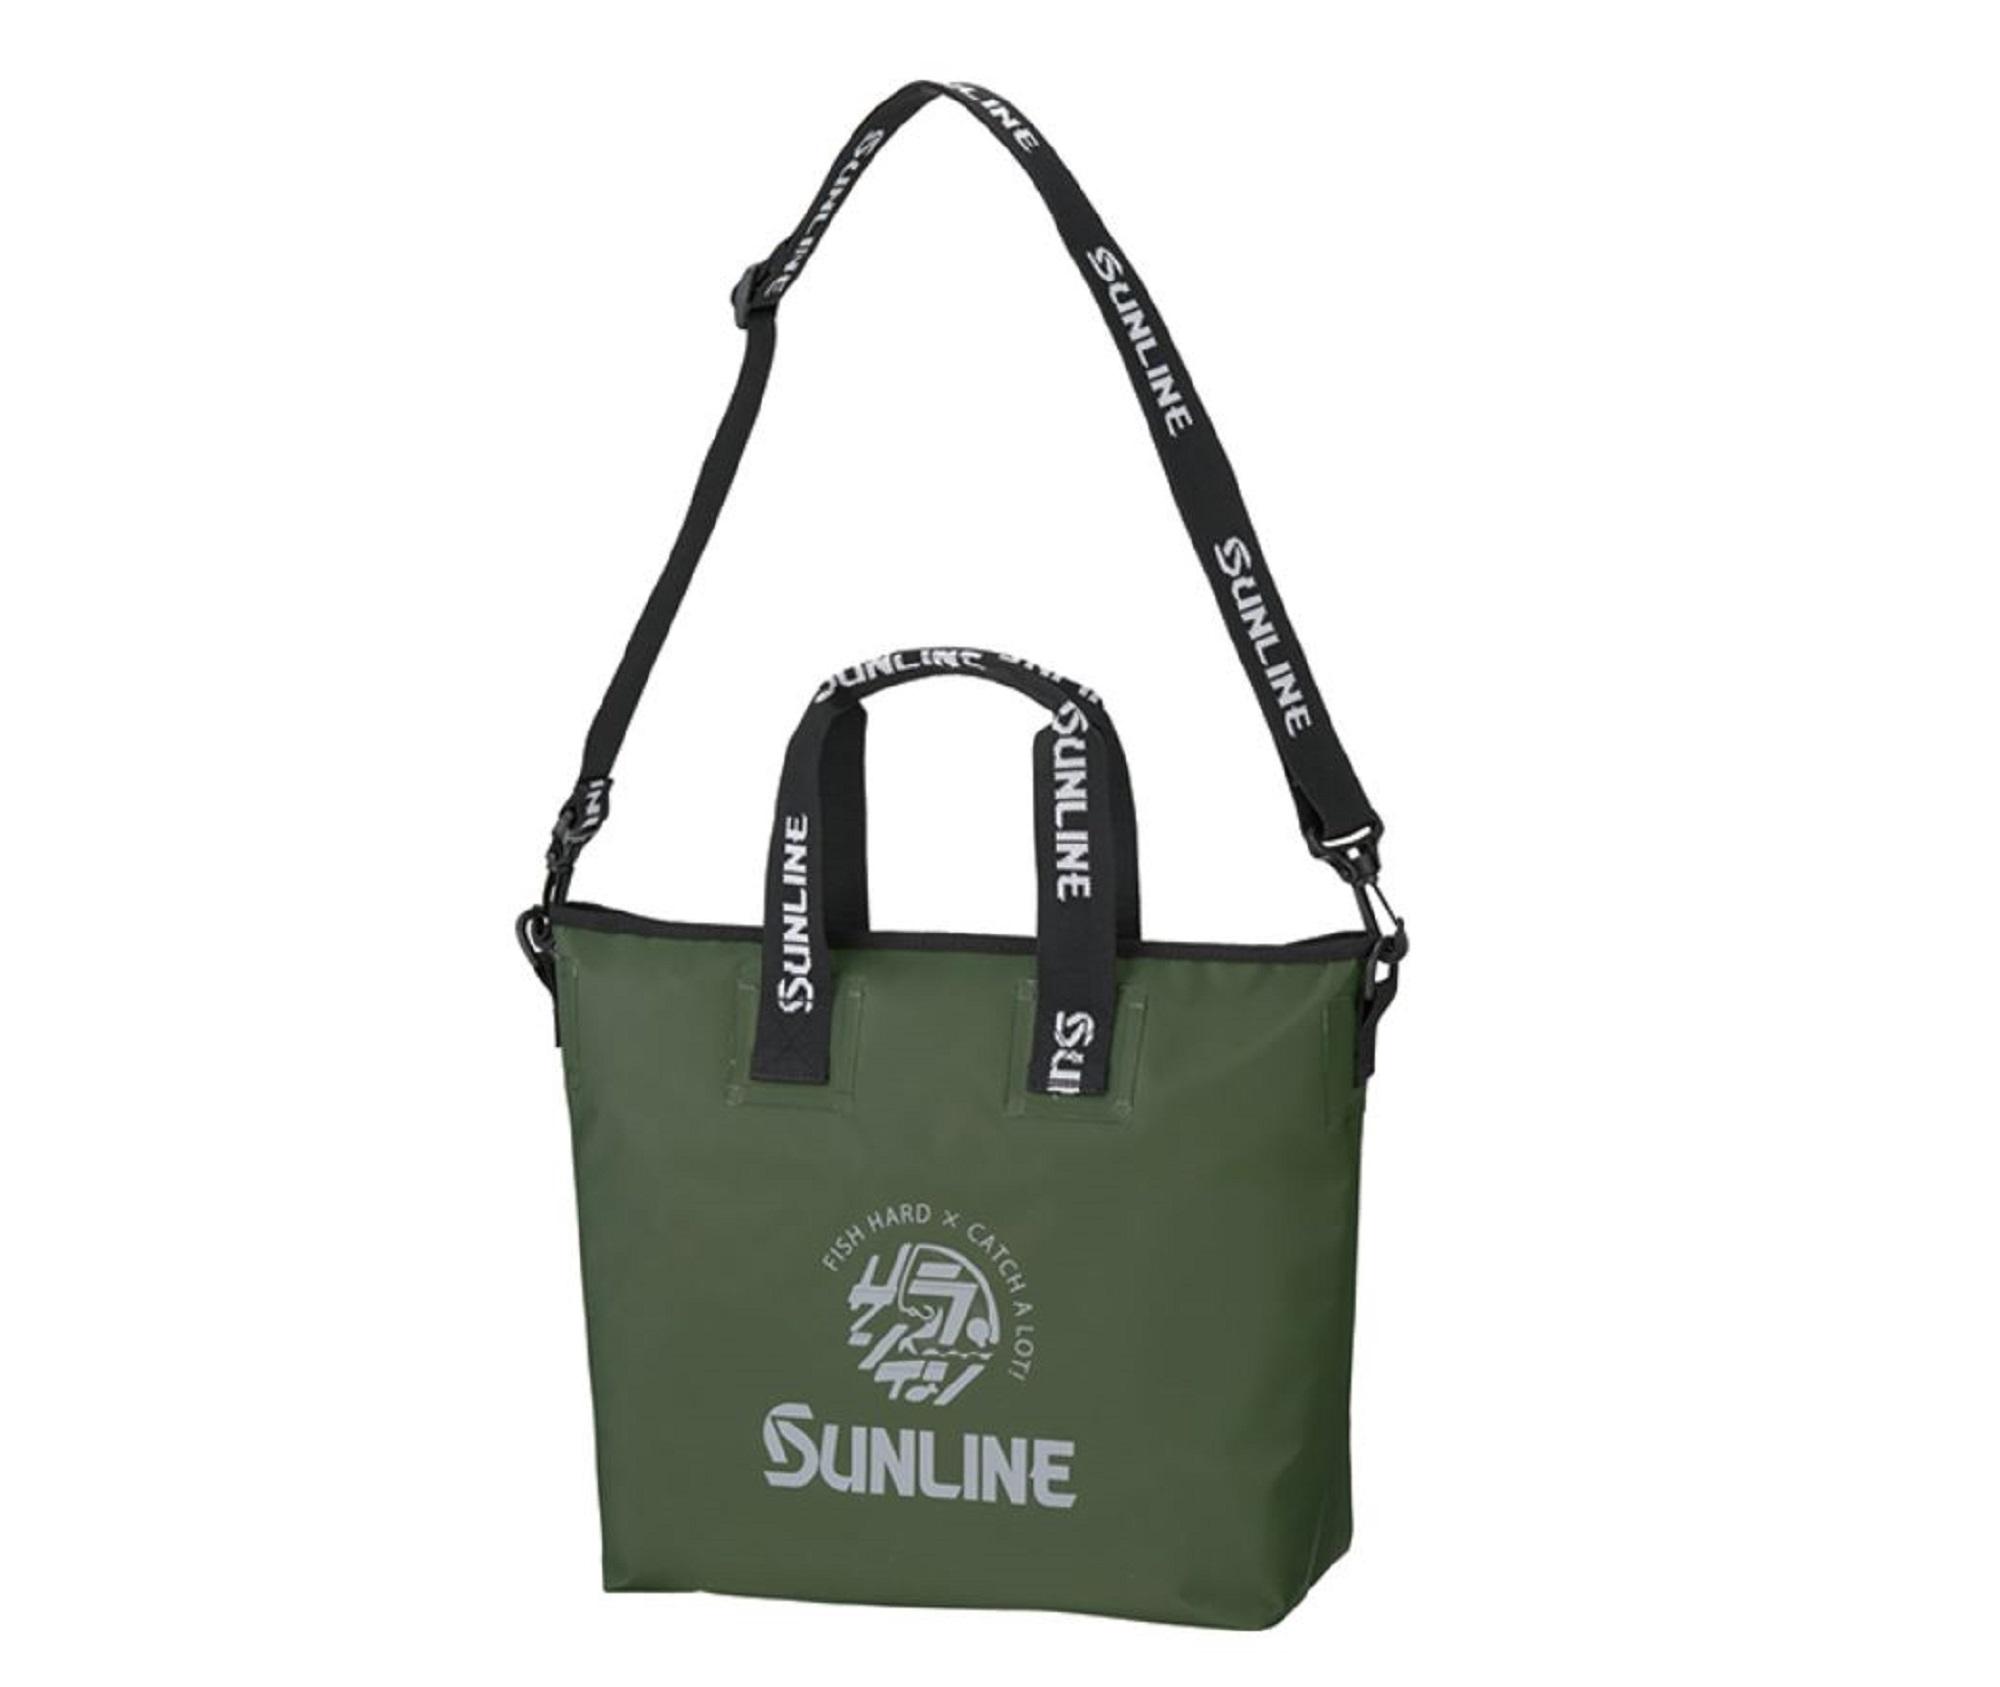 Sunline SFB-0720 Shoulder Bag 340 x 335 x 145 mm Green (4993)